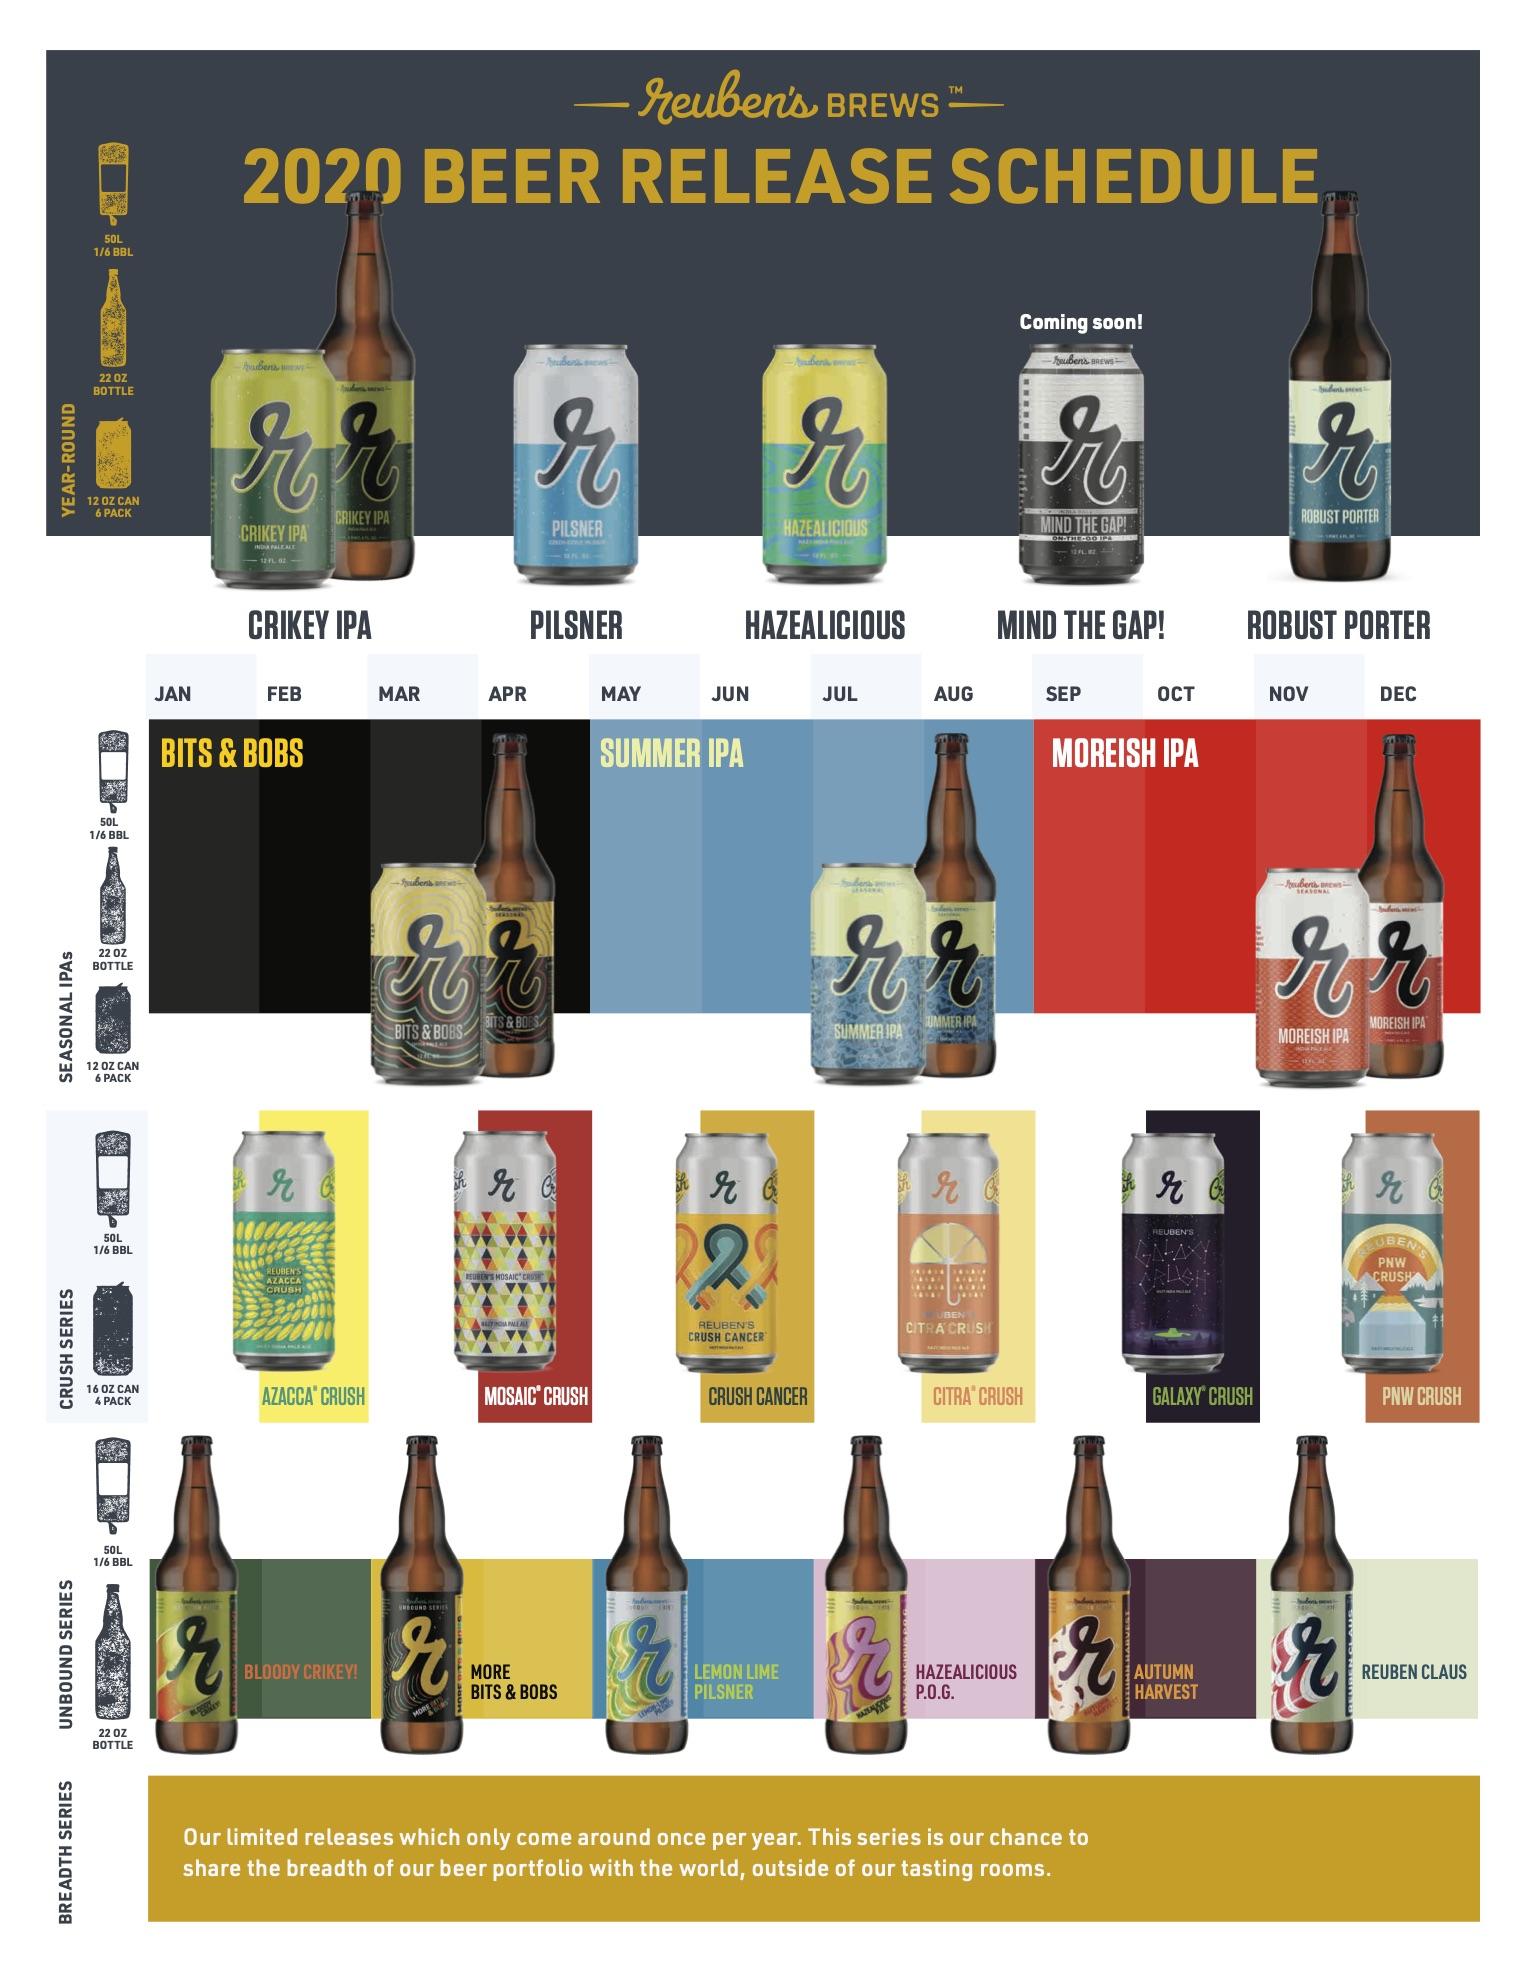 Reuben's Brews 2020 Beer Release Calendar